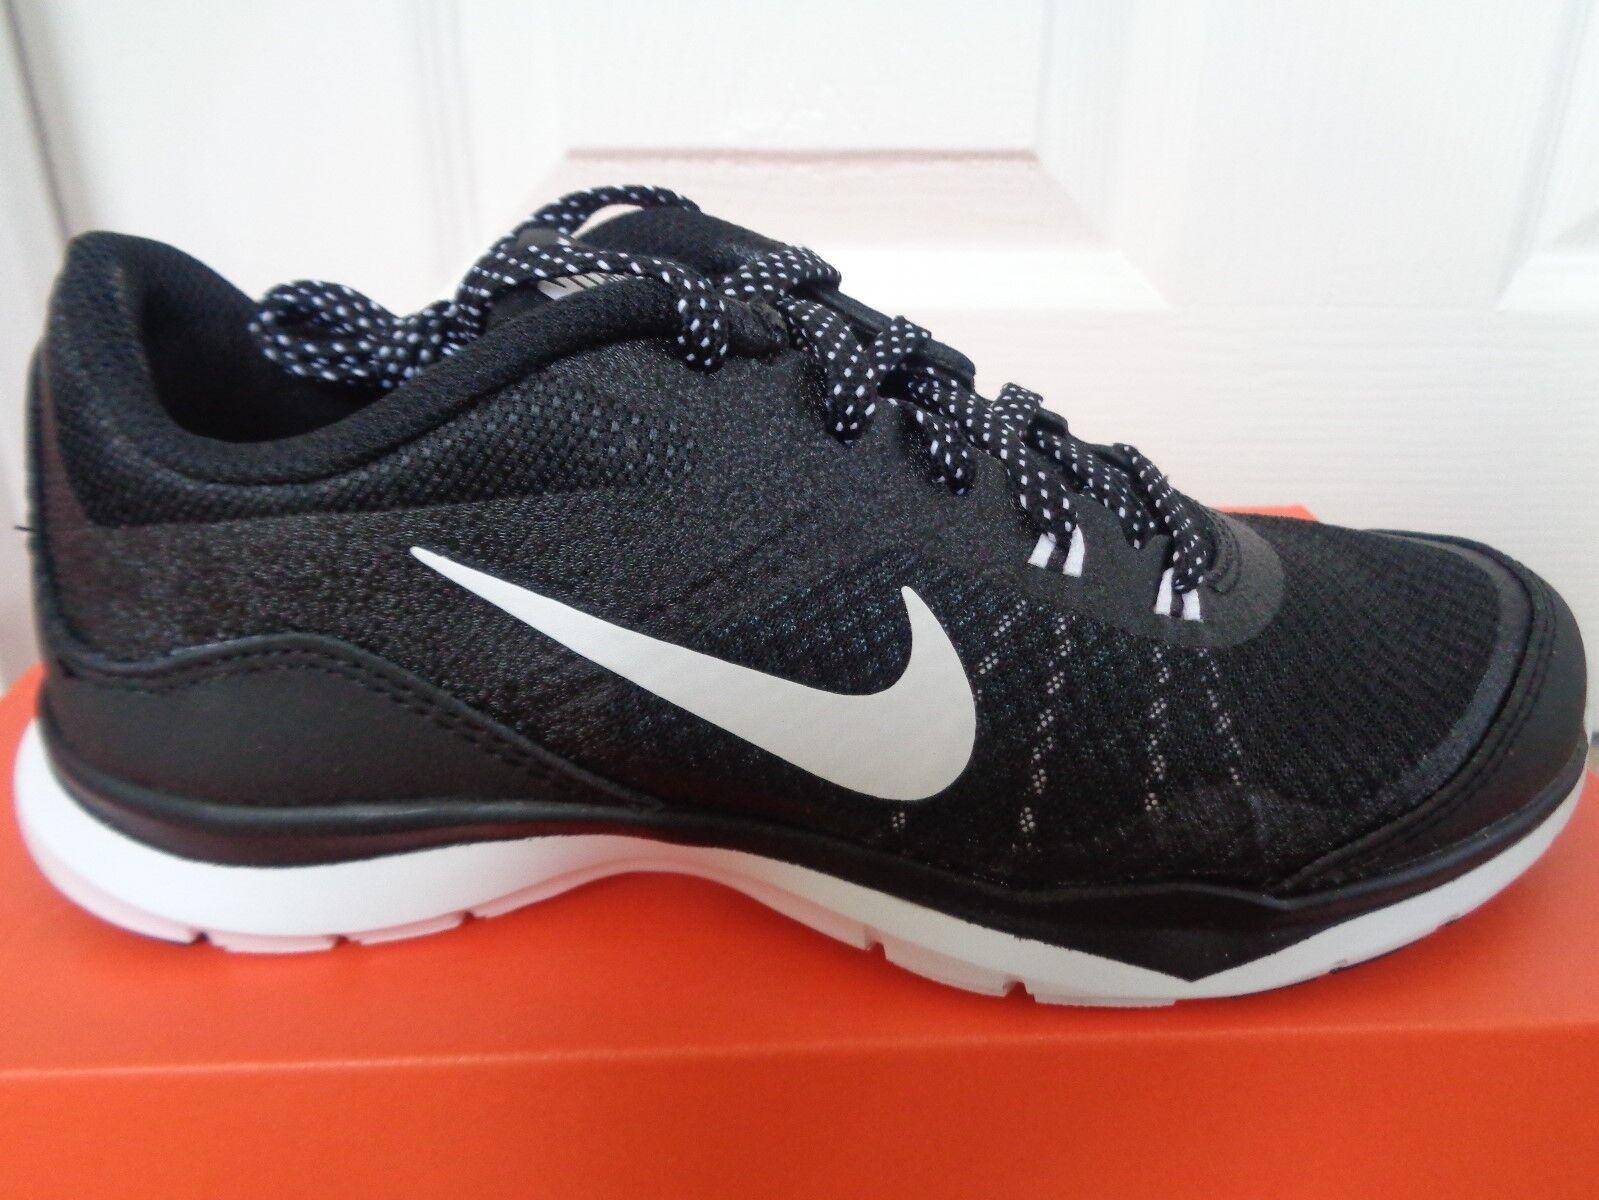 Nike Flex Trainer 5 Zapatillas para mujer 724858 001 nos 5.5 Nuevo + Caja